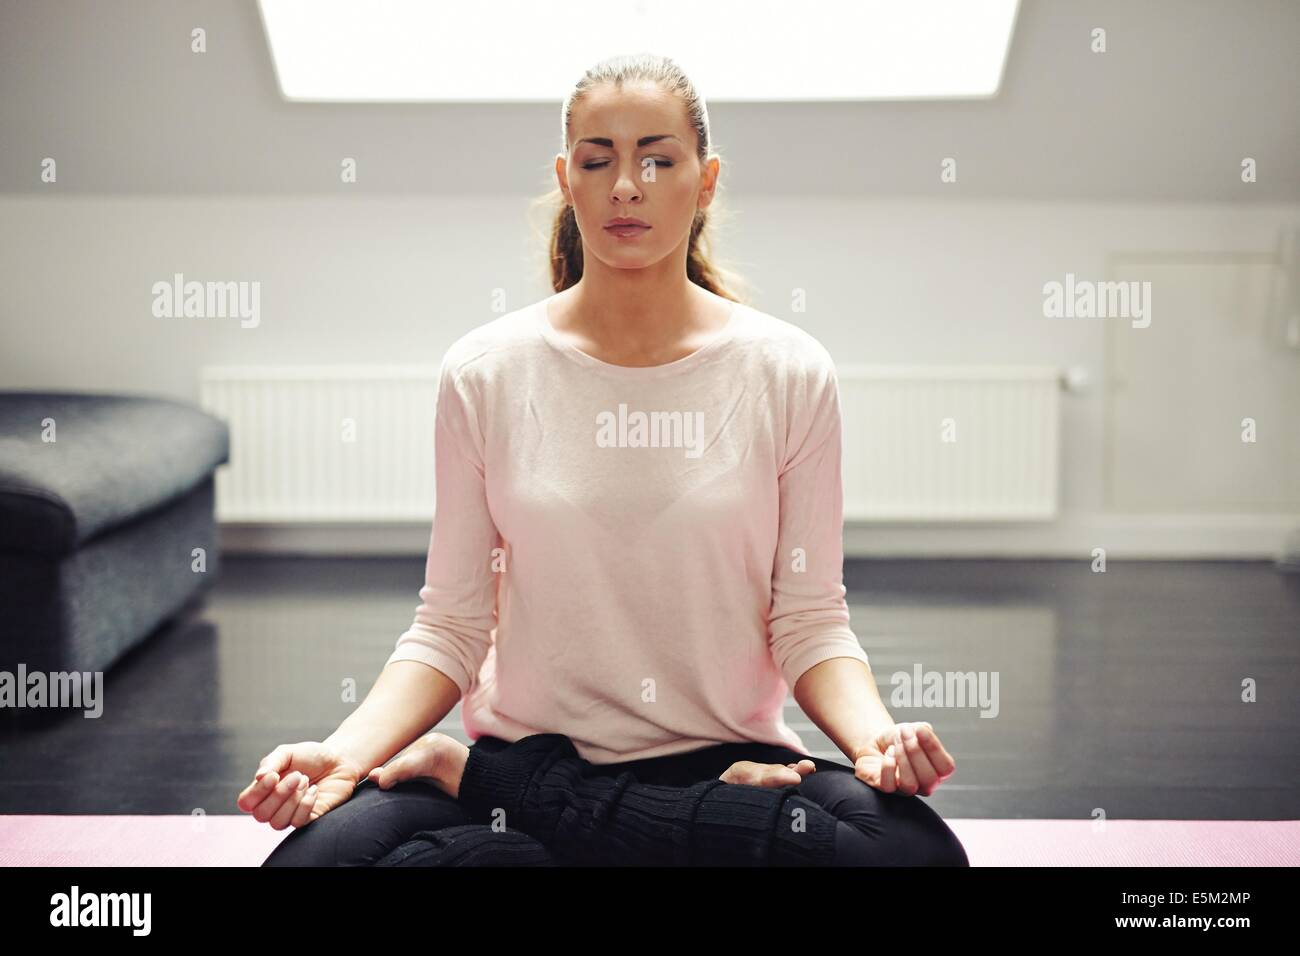 Retrato de mujer hermosa ejercicio. Relajarse en casa con ejercicios de yoga. Colocar caucásica modelo femenino Imagen De Stock